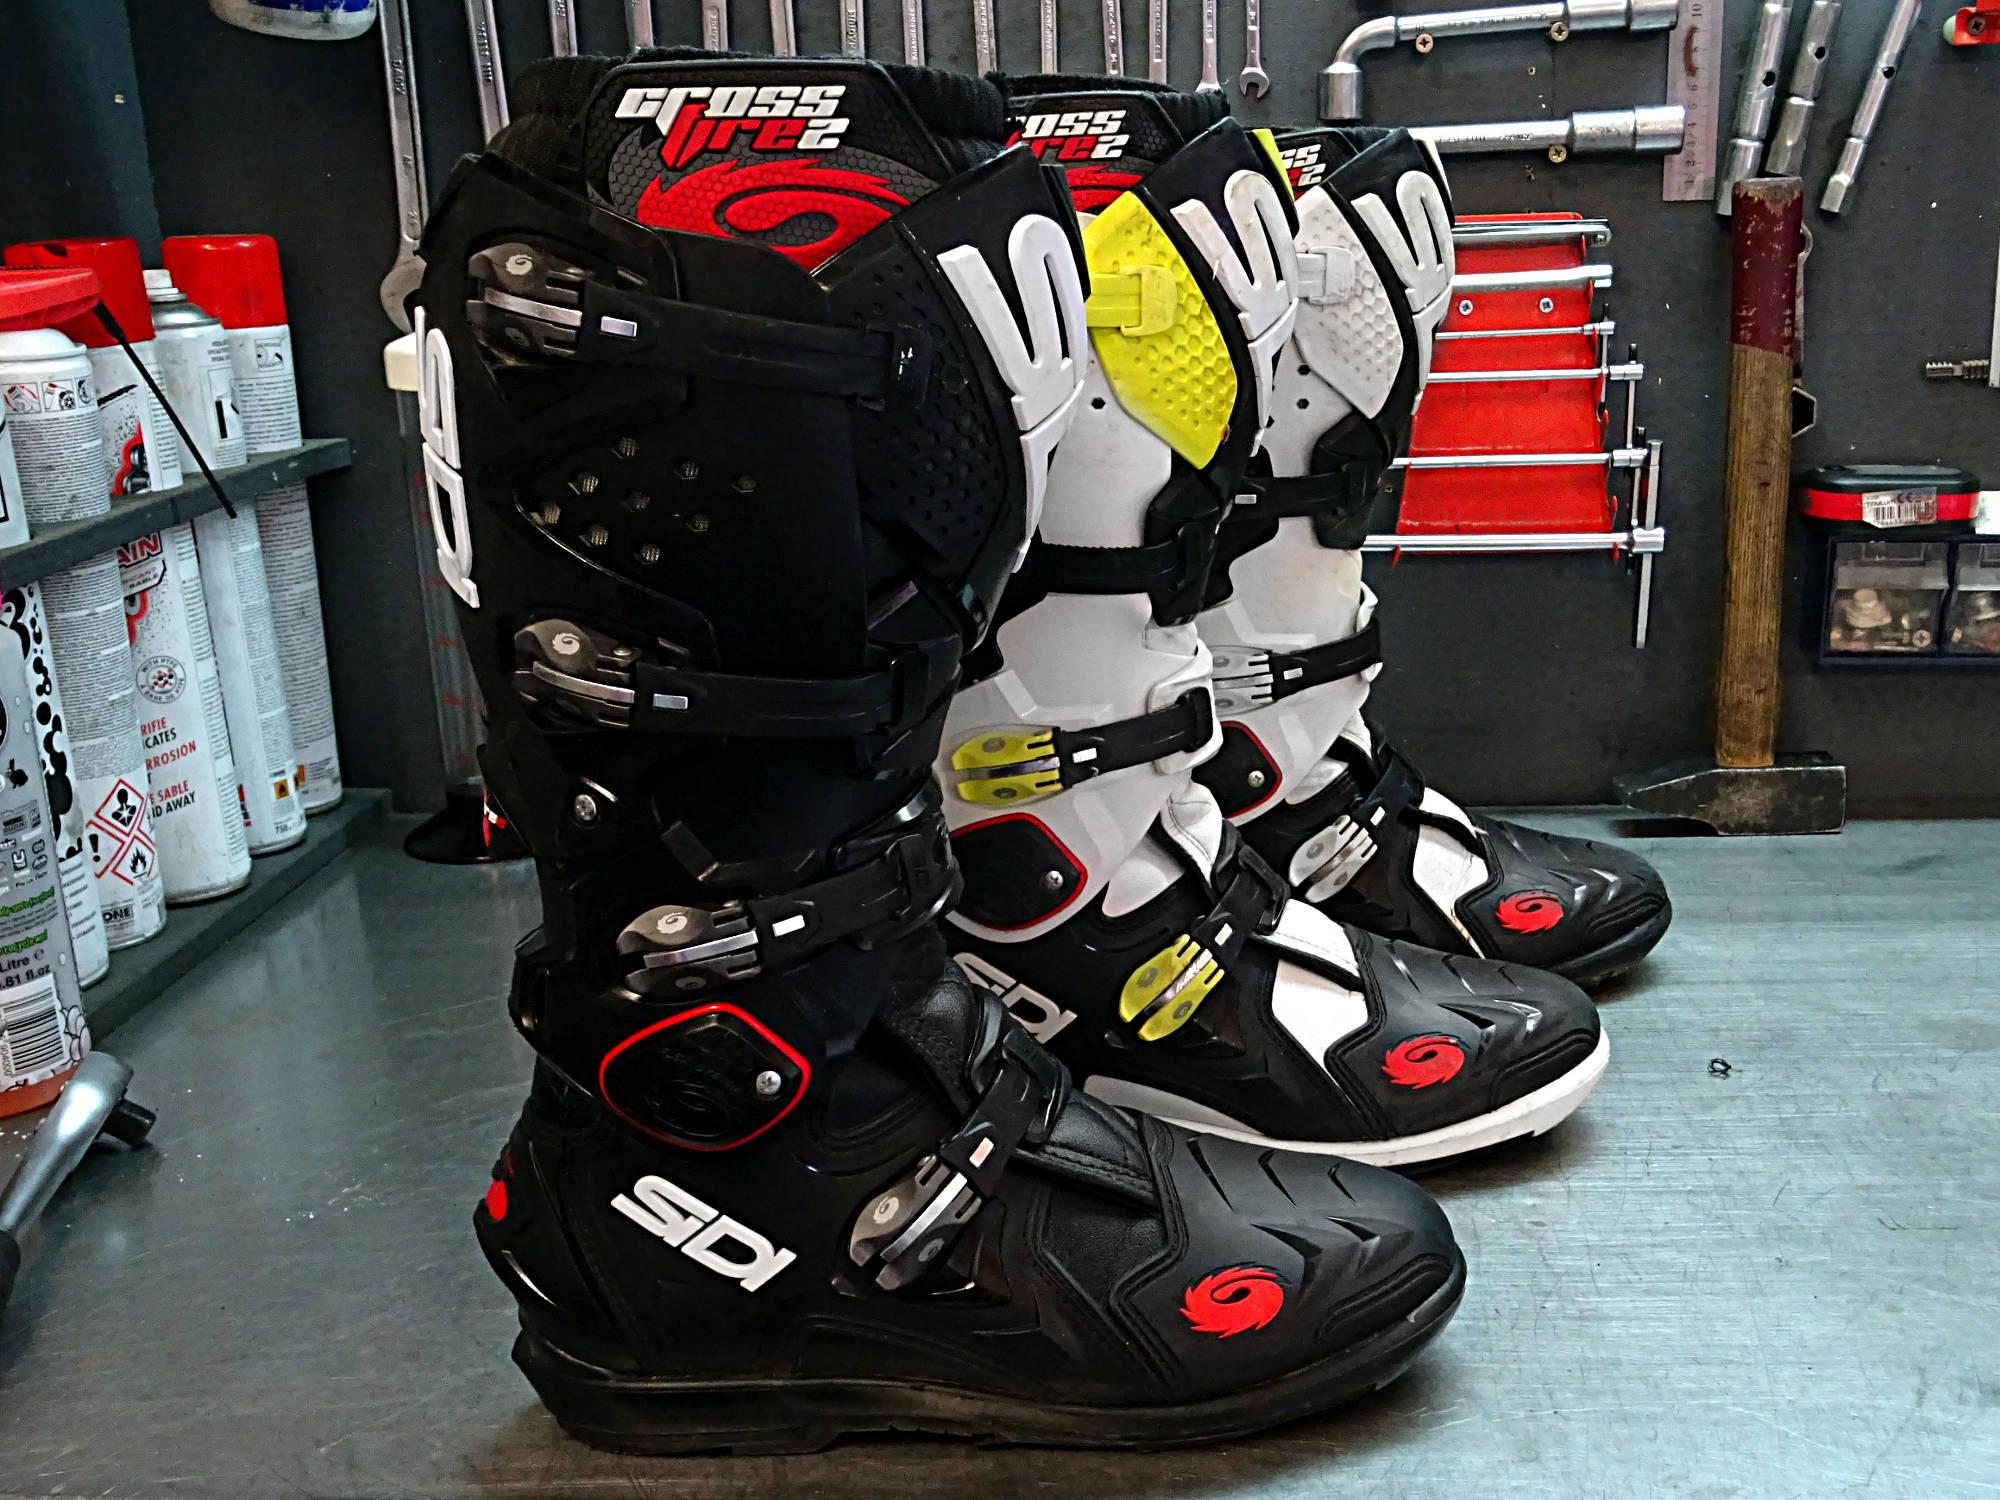 Las botas Sidi Crossfire 2 SRS lucen un estilo impresionante y están disponibles en una gran variedad de colores